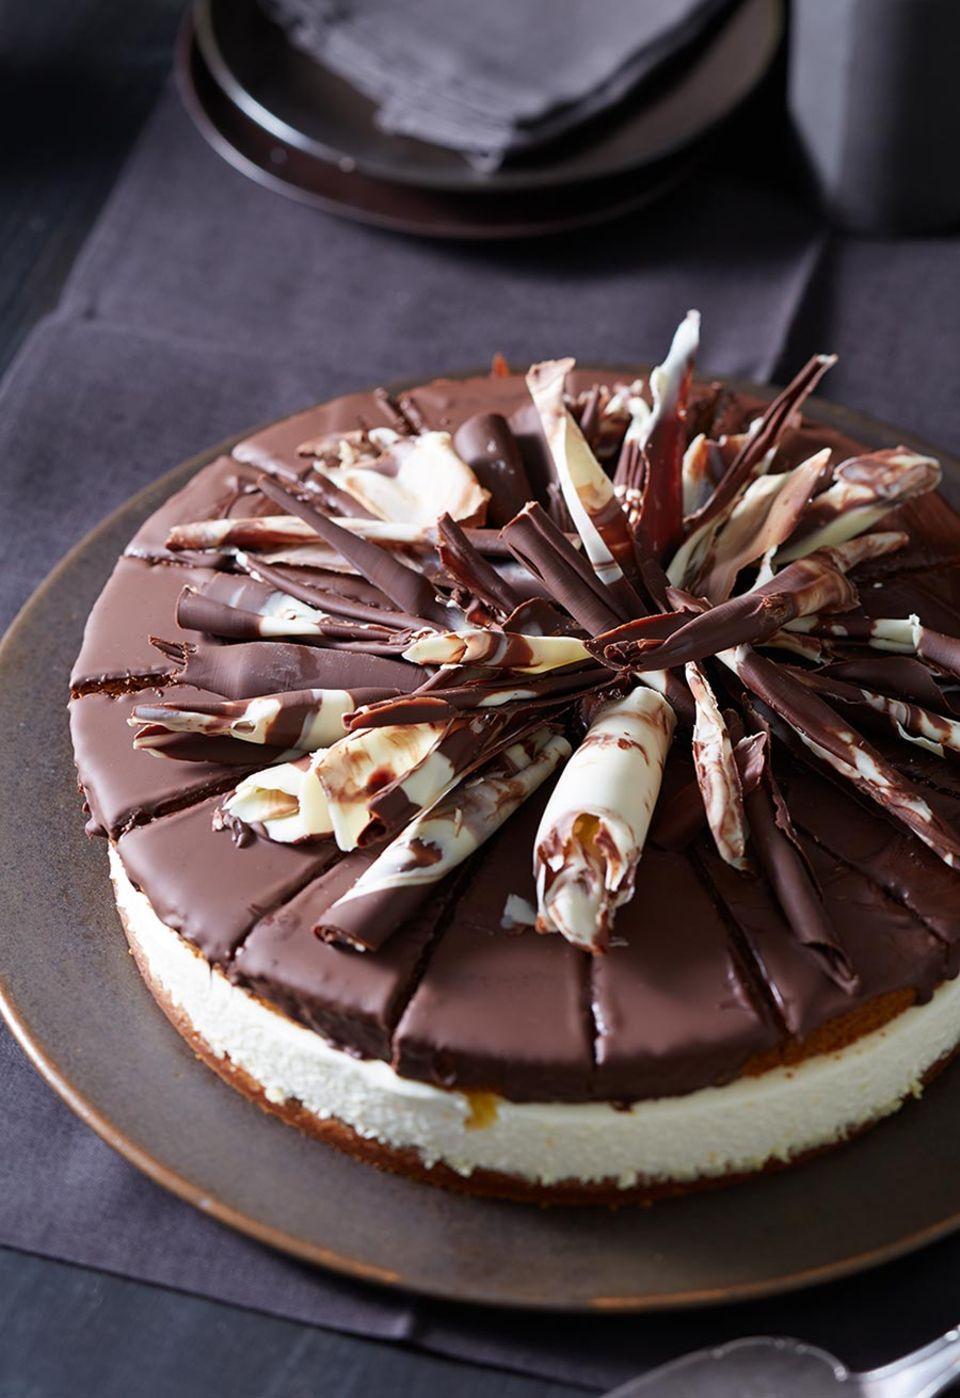 Prachtexemplar und Geschmackssensation in einem: Die Honigkuchen-Orangen-Torte mit Mascarpone und Schokolade überzeugt auf ganzer Linie.